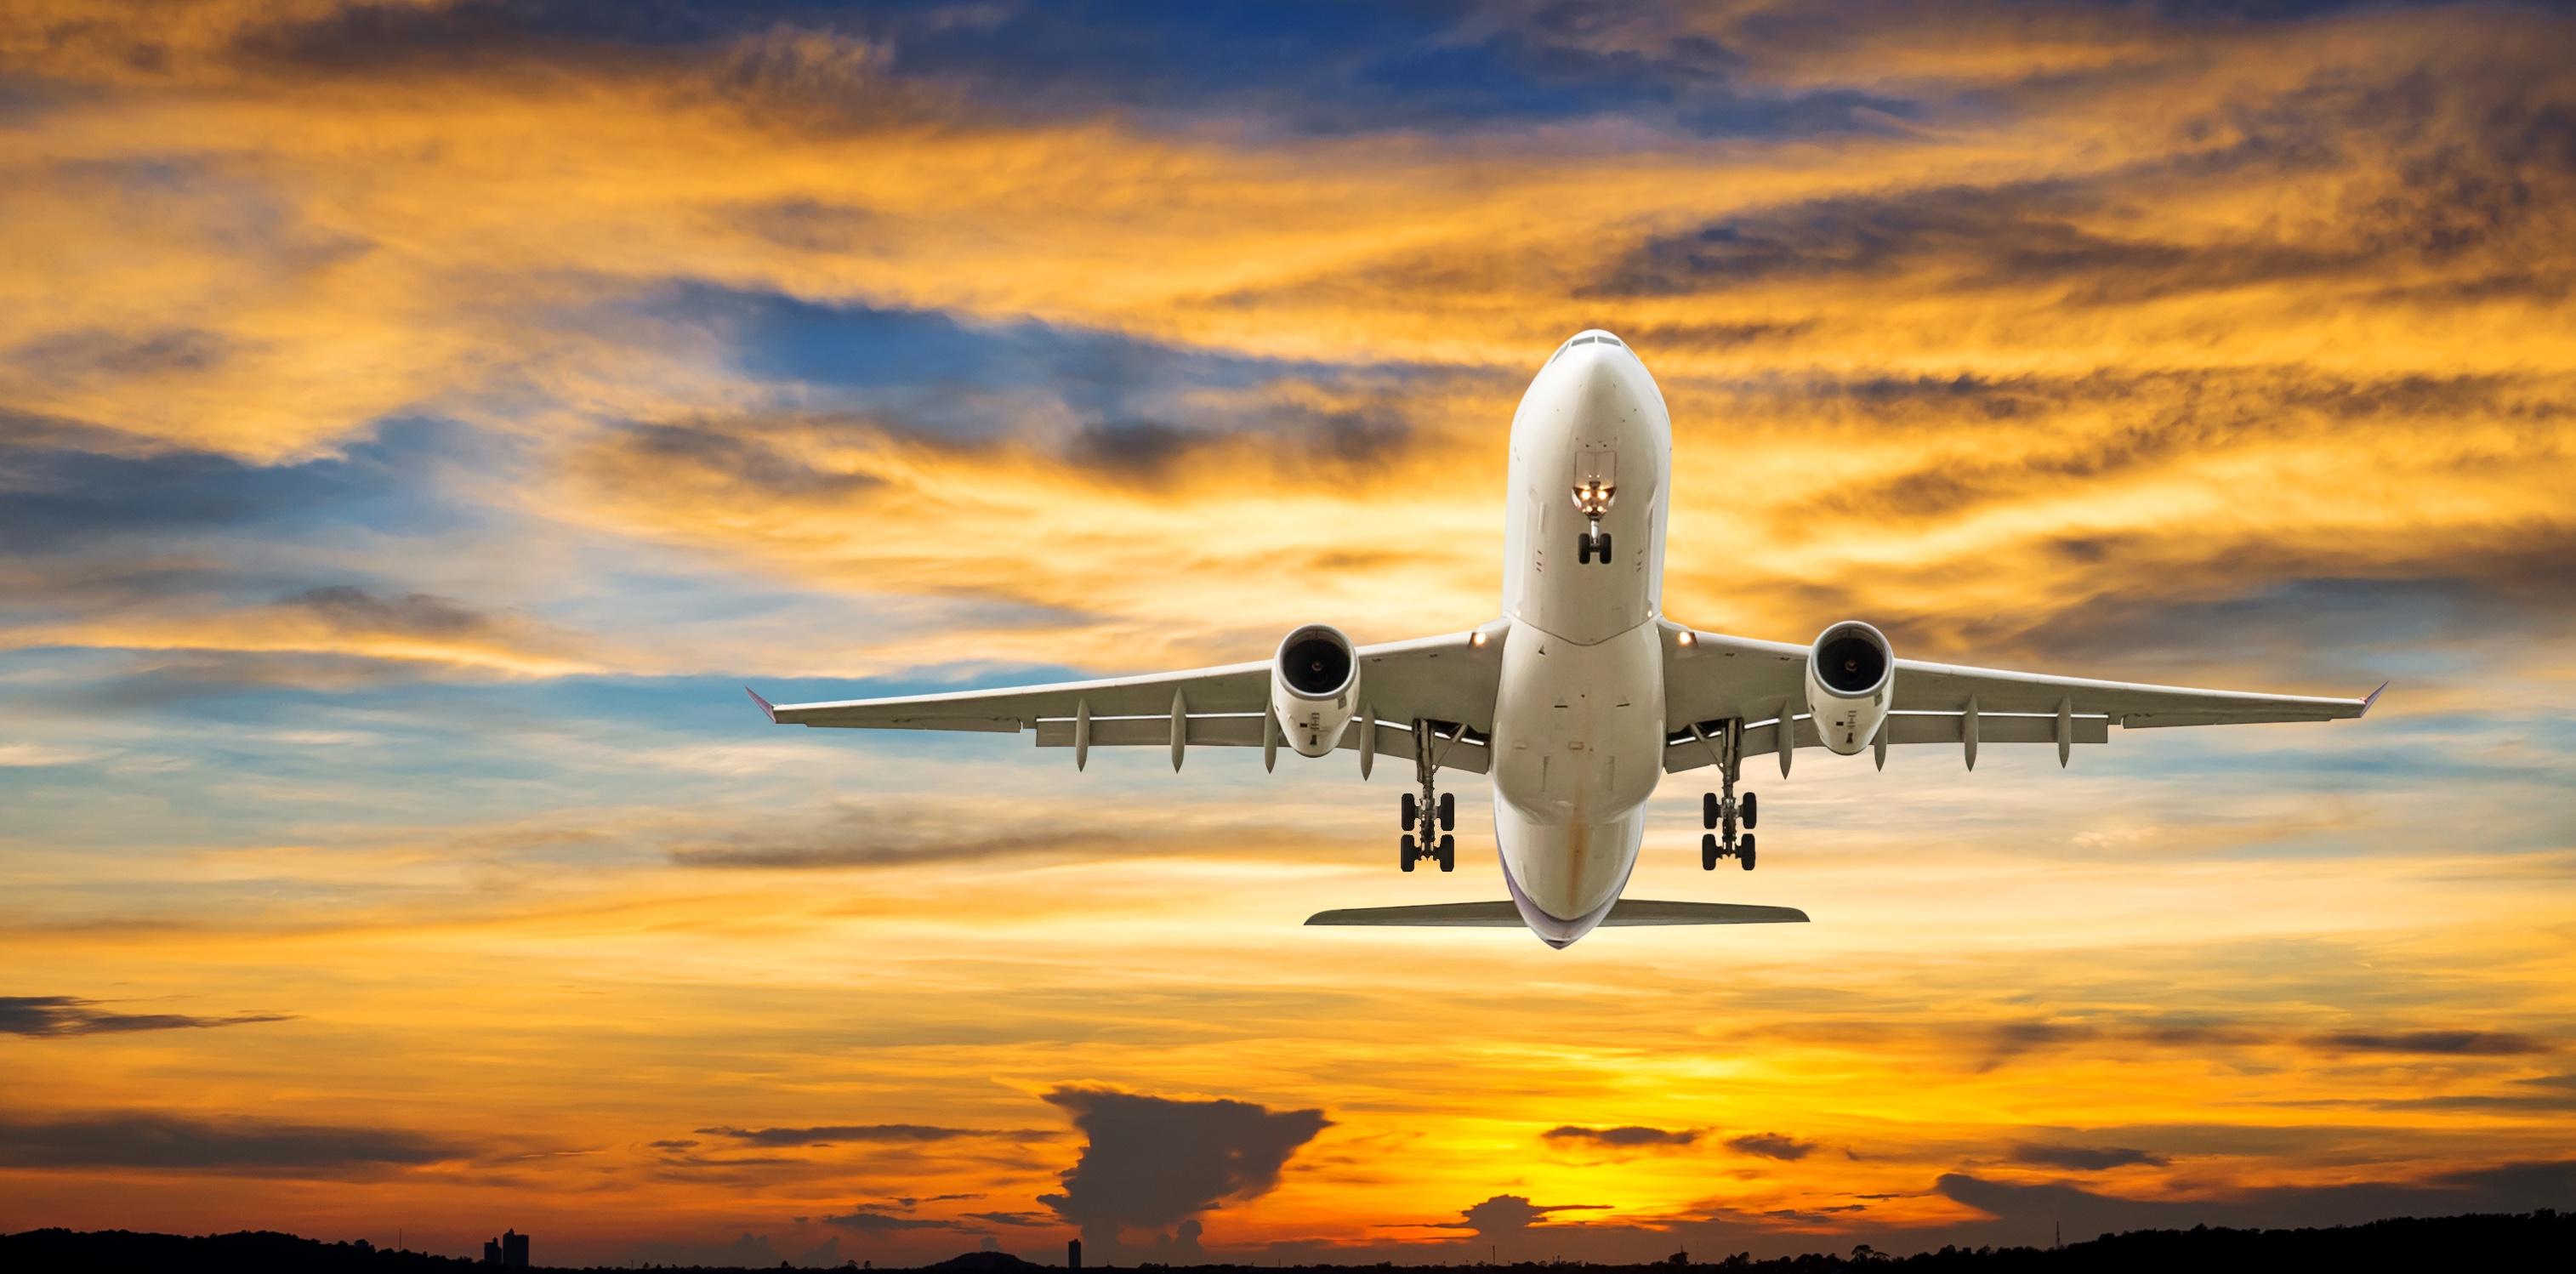 kontakt thai airways deutschland fredrikstad